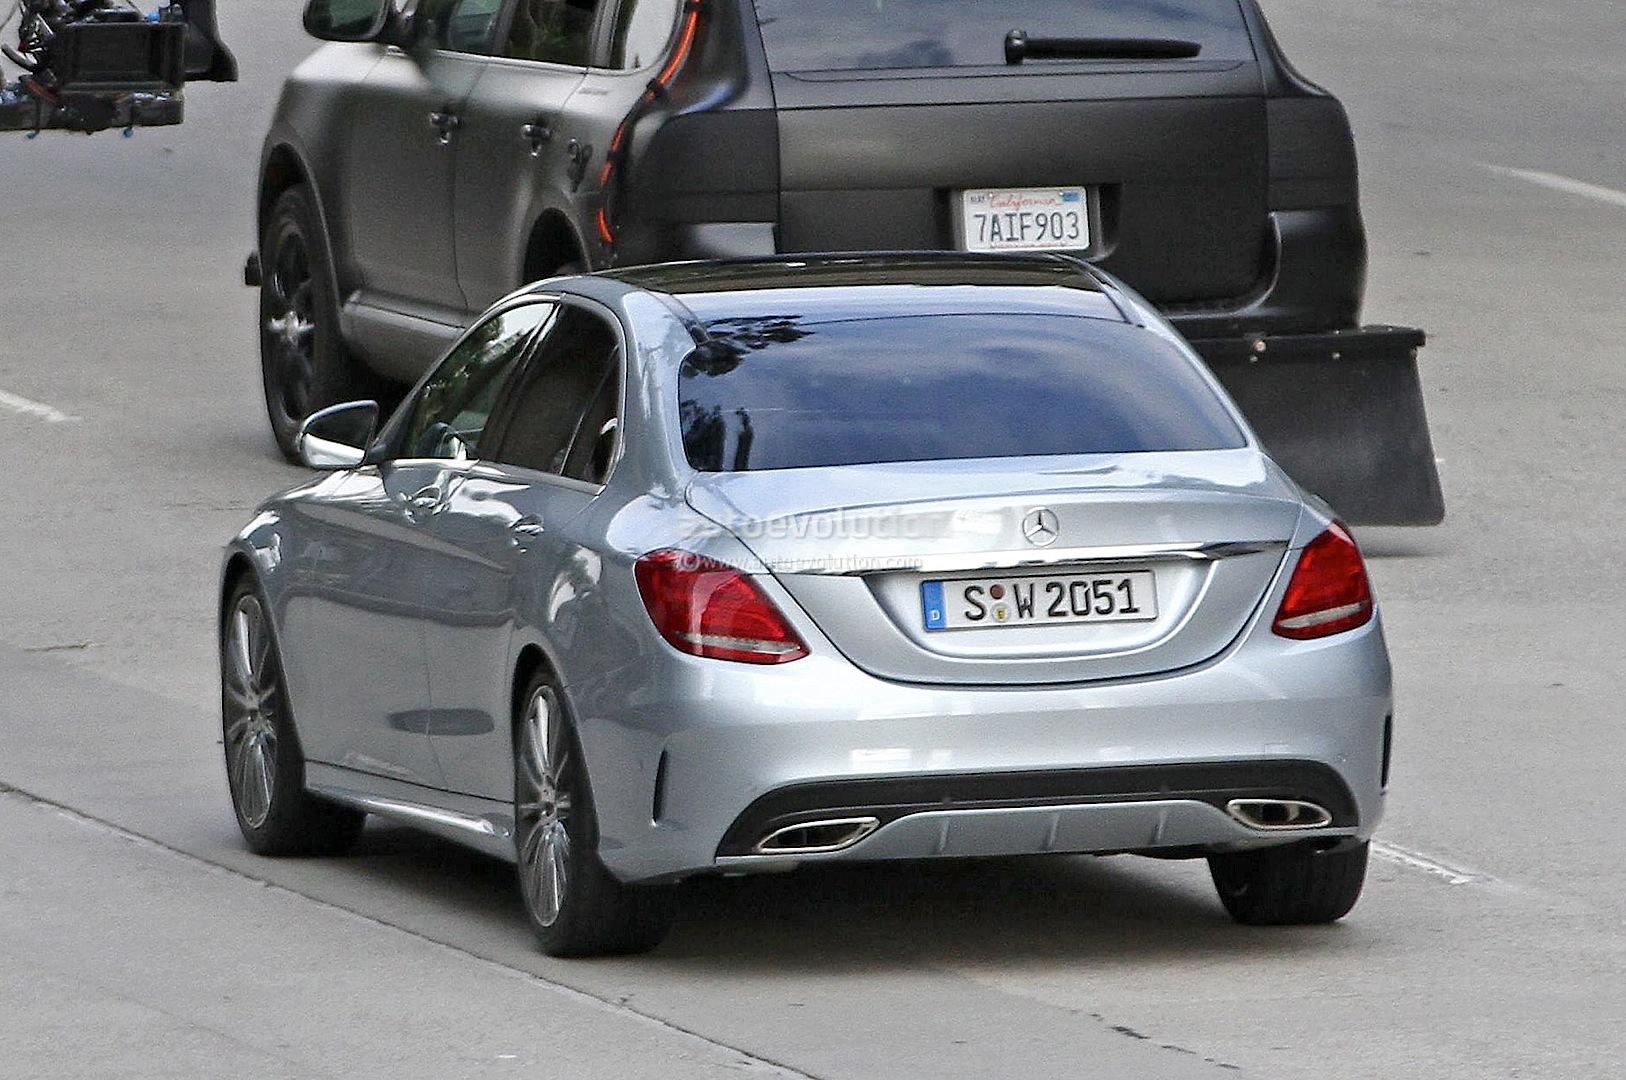 2015 Mercedes Benz C 180 W205 Versus 2014 C 180 W204